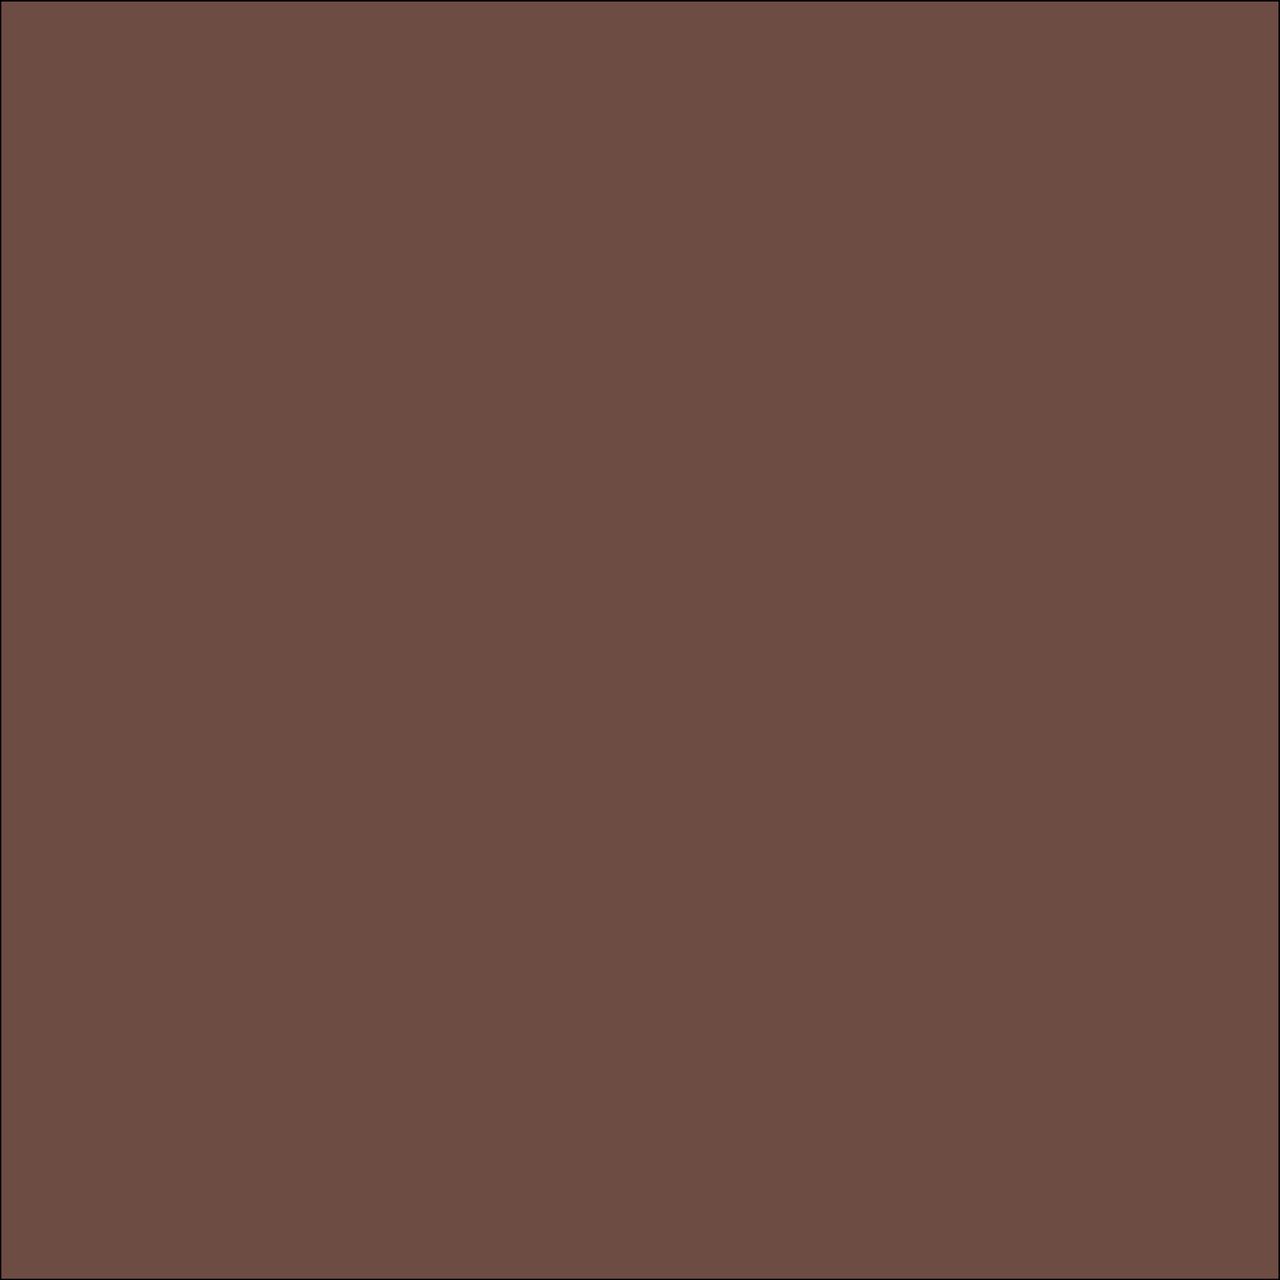 Алюкобонд коричневый 8824 (3мм/18мкм) 1,22мХ2,44м